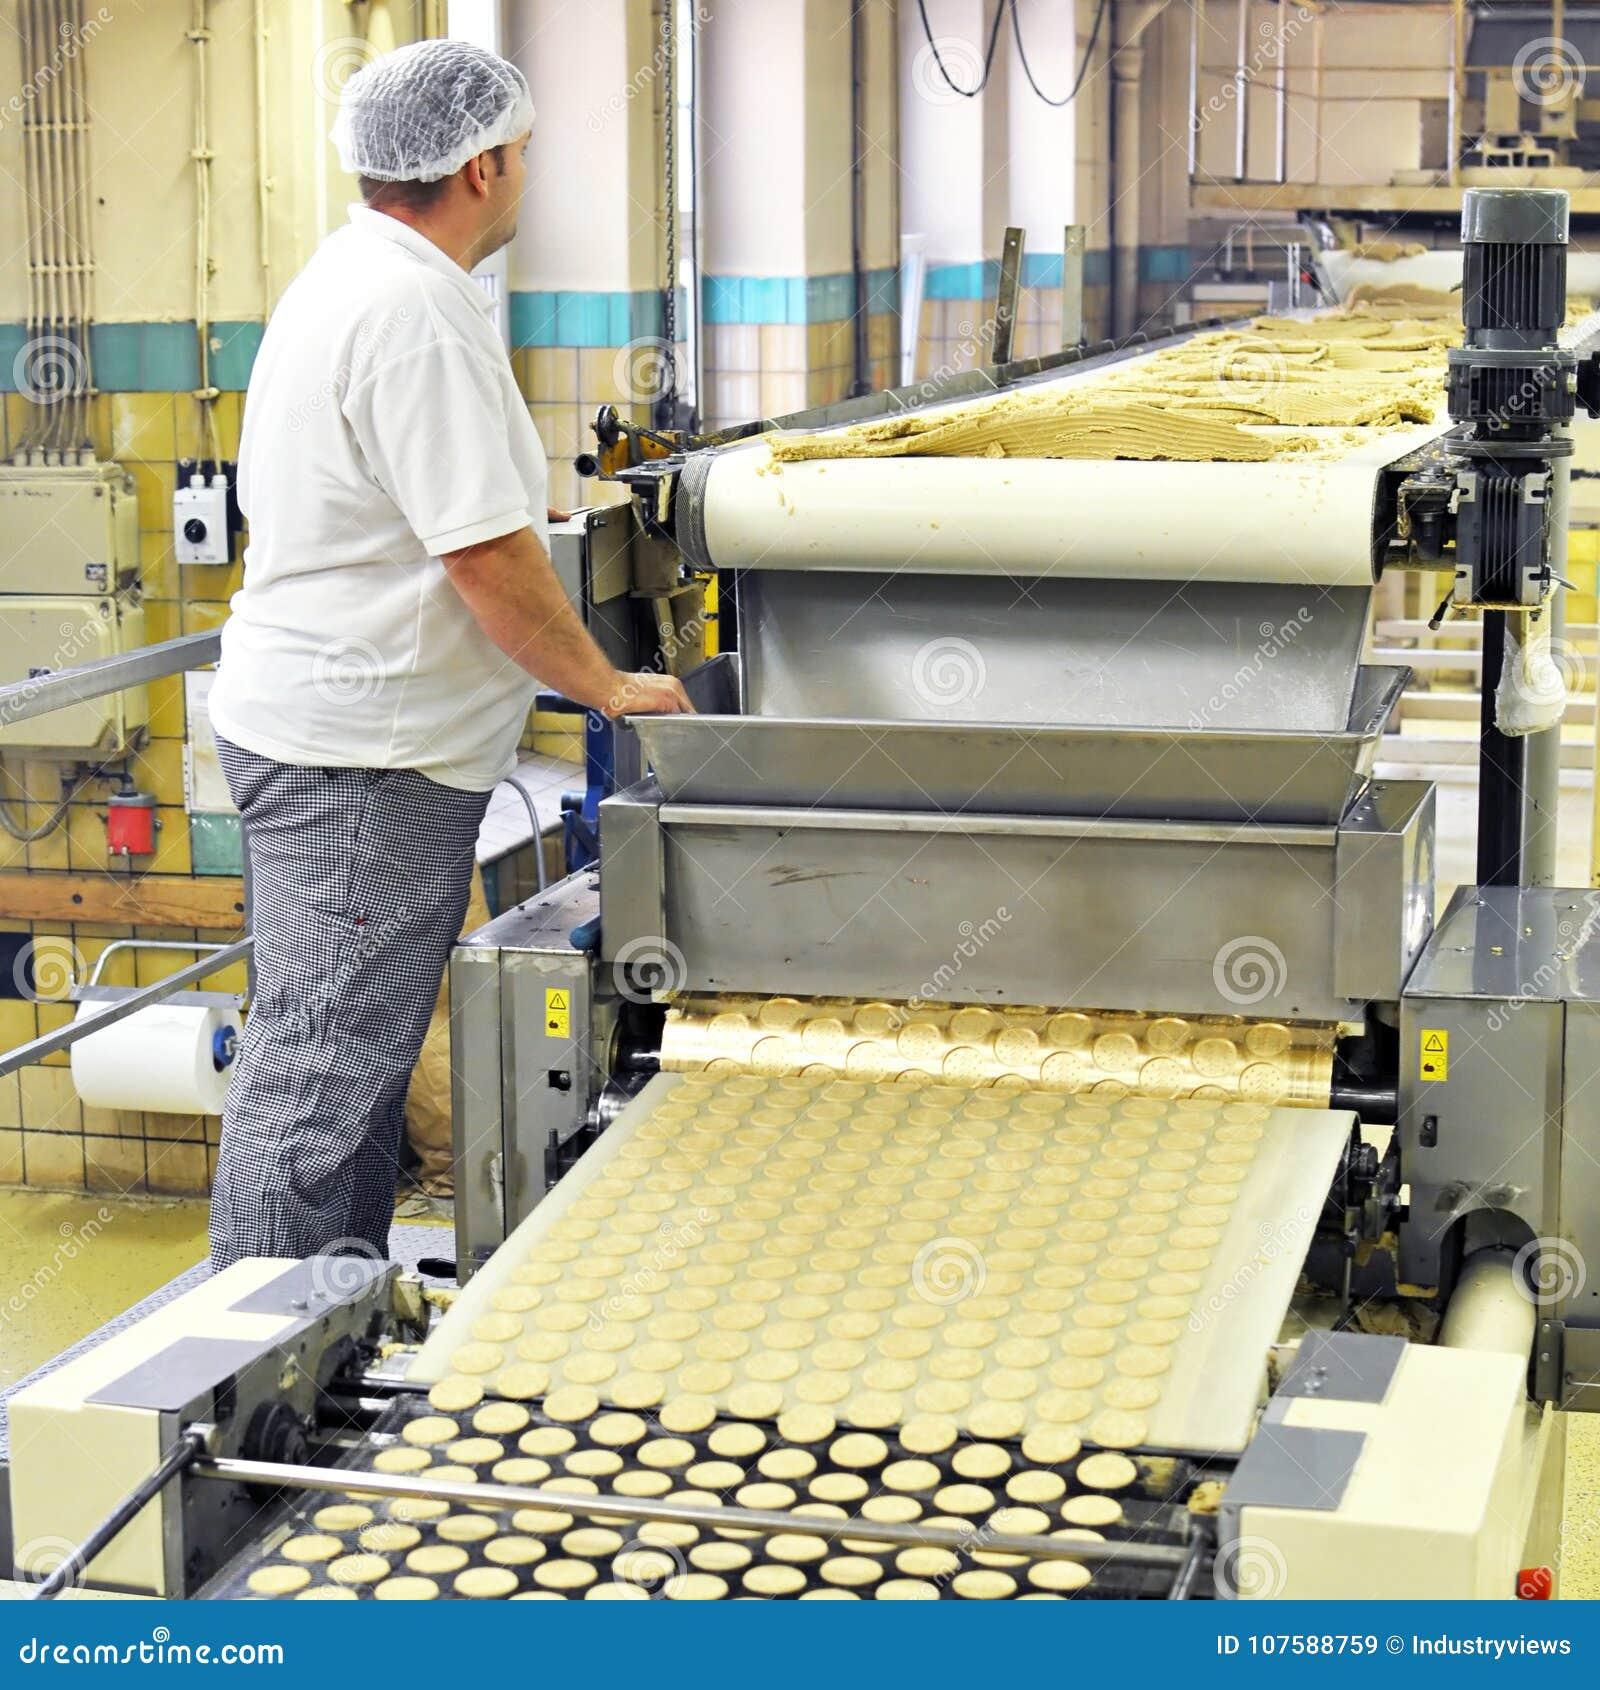 Βιομηχανία τροφίμων - η παραγωγή μπισκότων σε ένα εργοστάσιο σε έναν μεταφορέα είναι